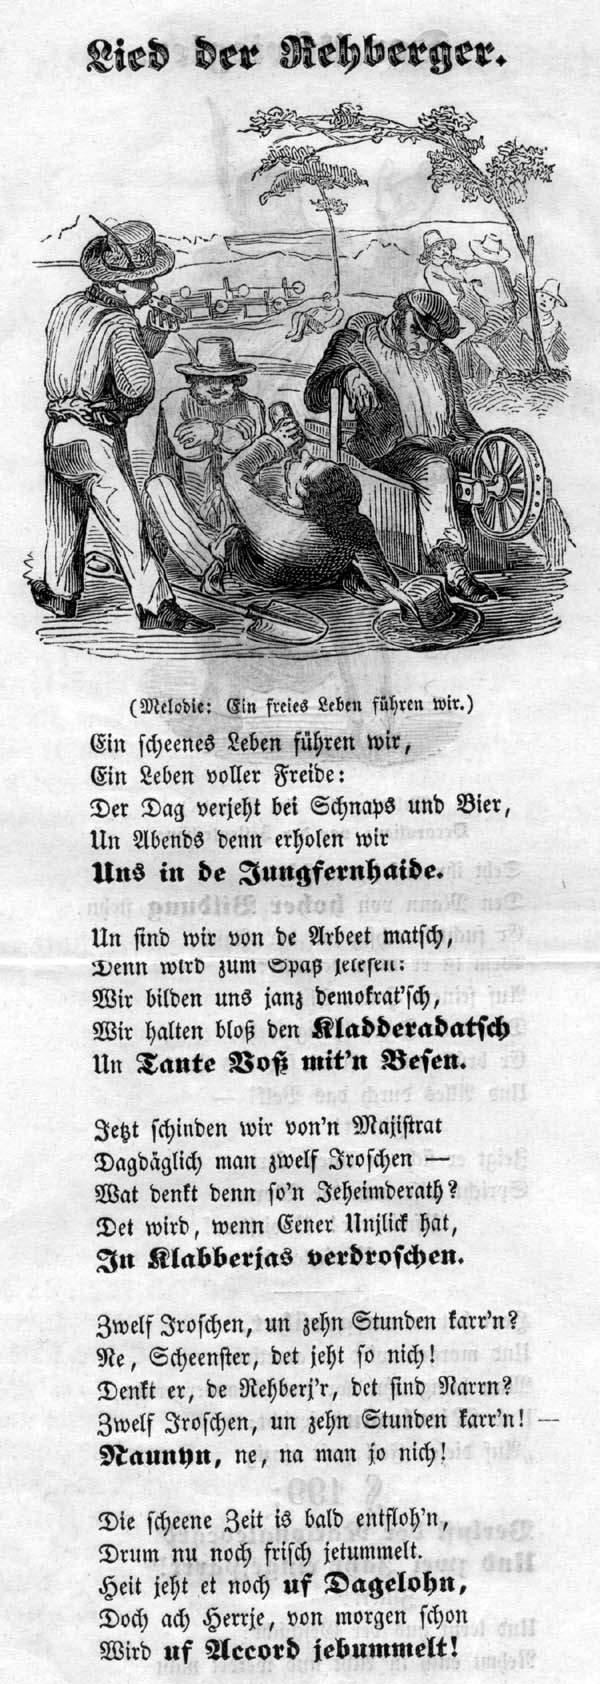 """Das """"Lied der Rehberger"""" beschreibt satirisch und dennoch entlang der Tatsachen die damaligen Lebensumstände."""